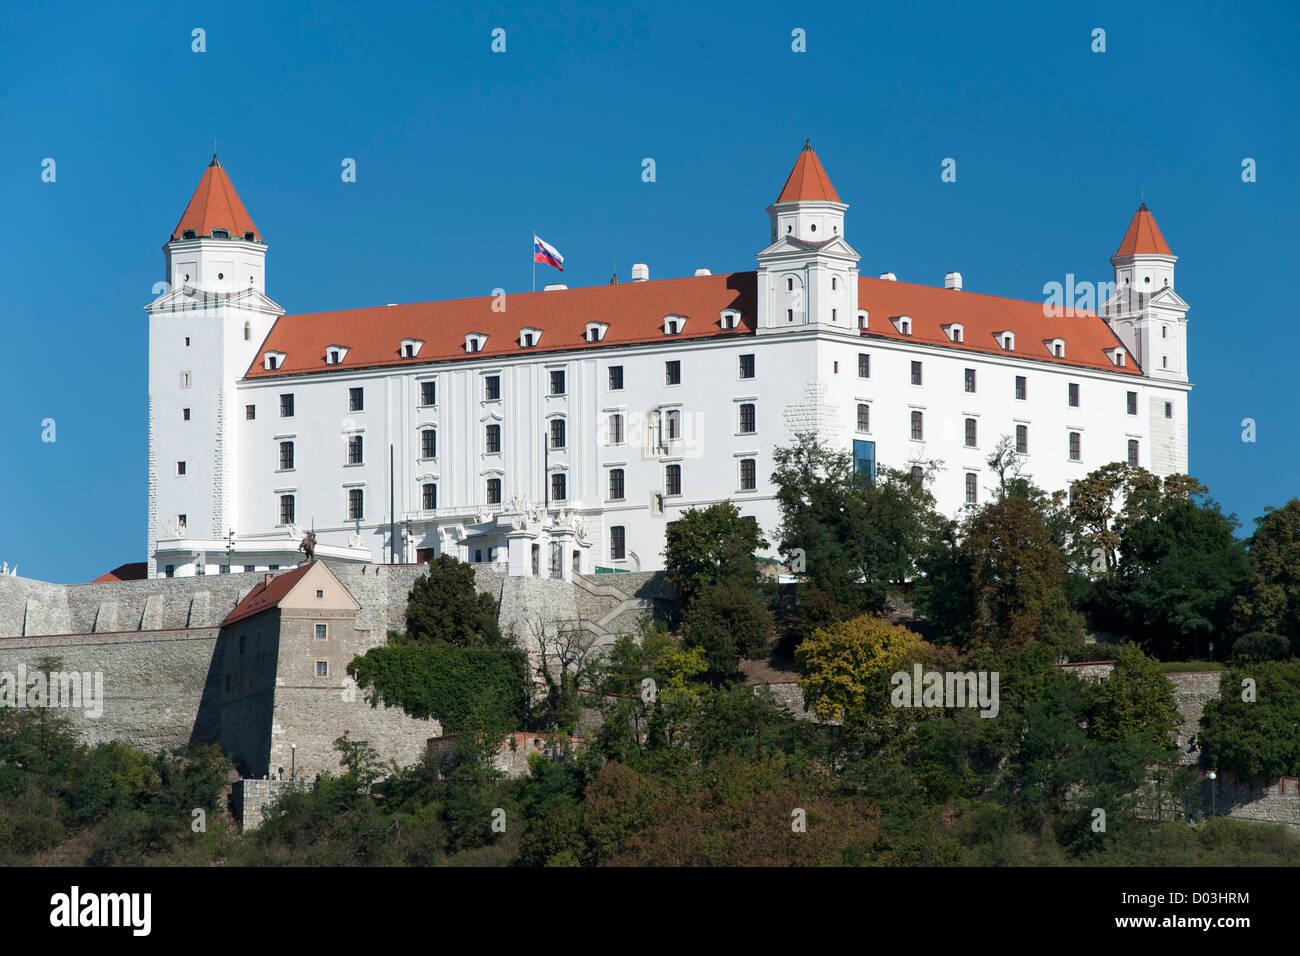 Bratislava castle in Bratislava, the capital of Slovakia. - Stock Image